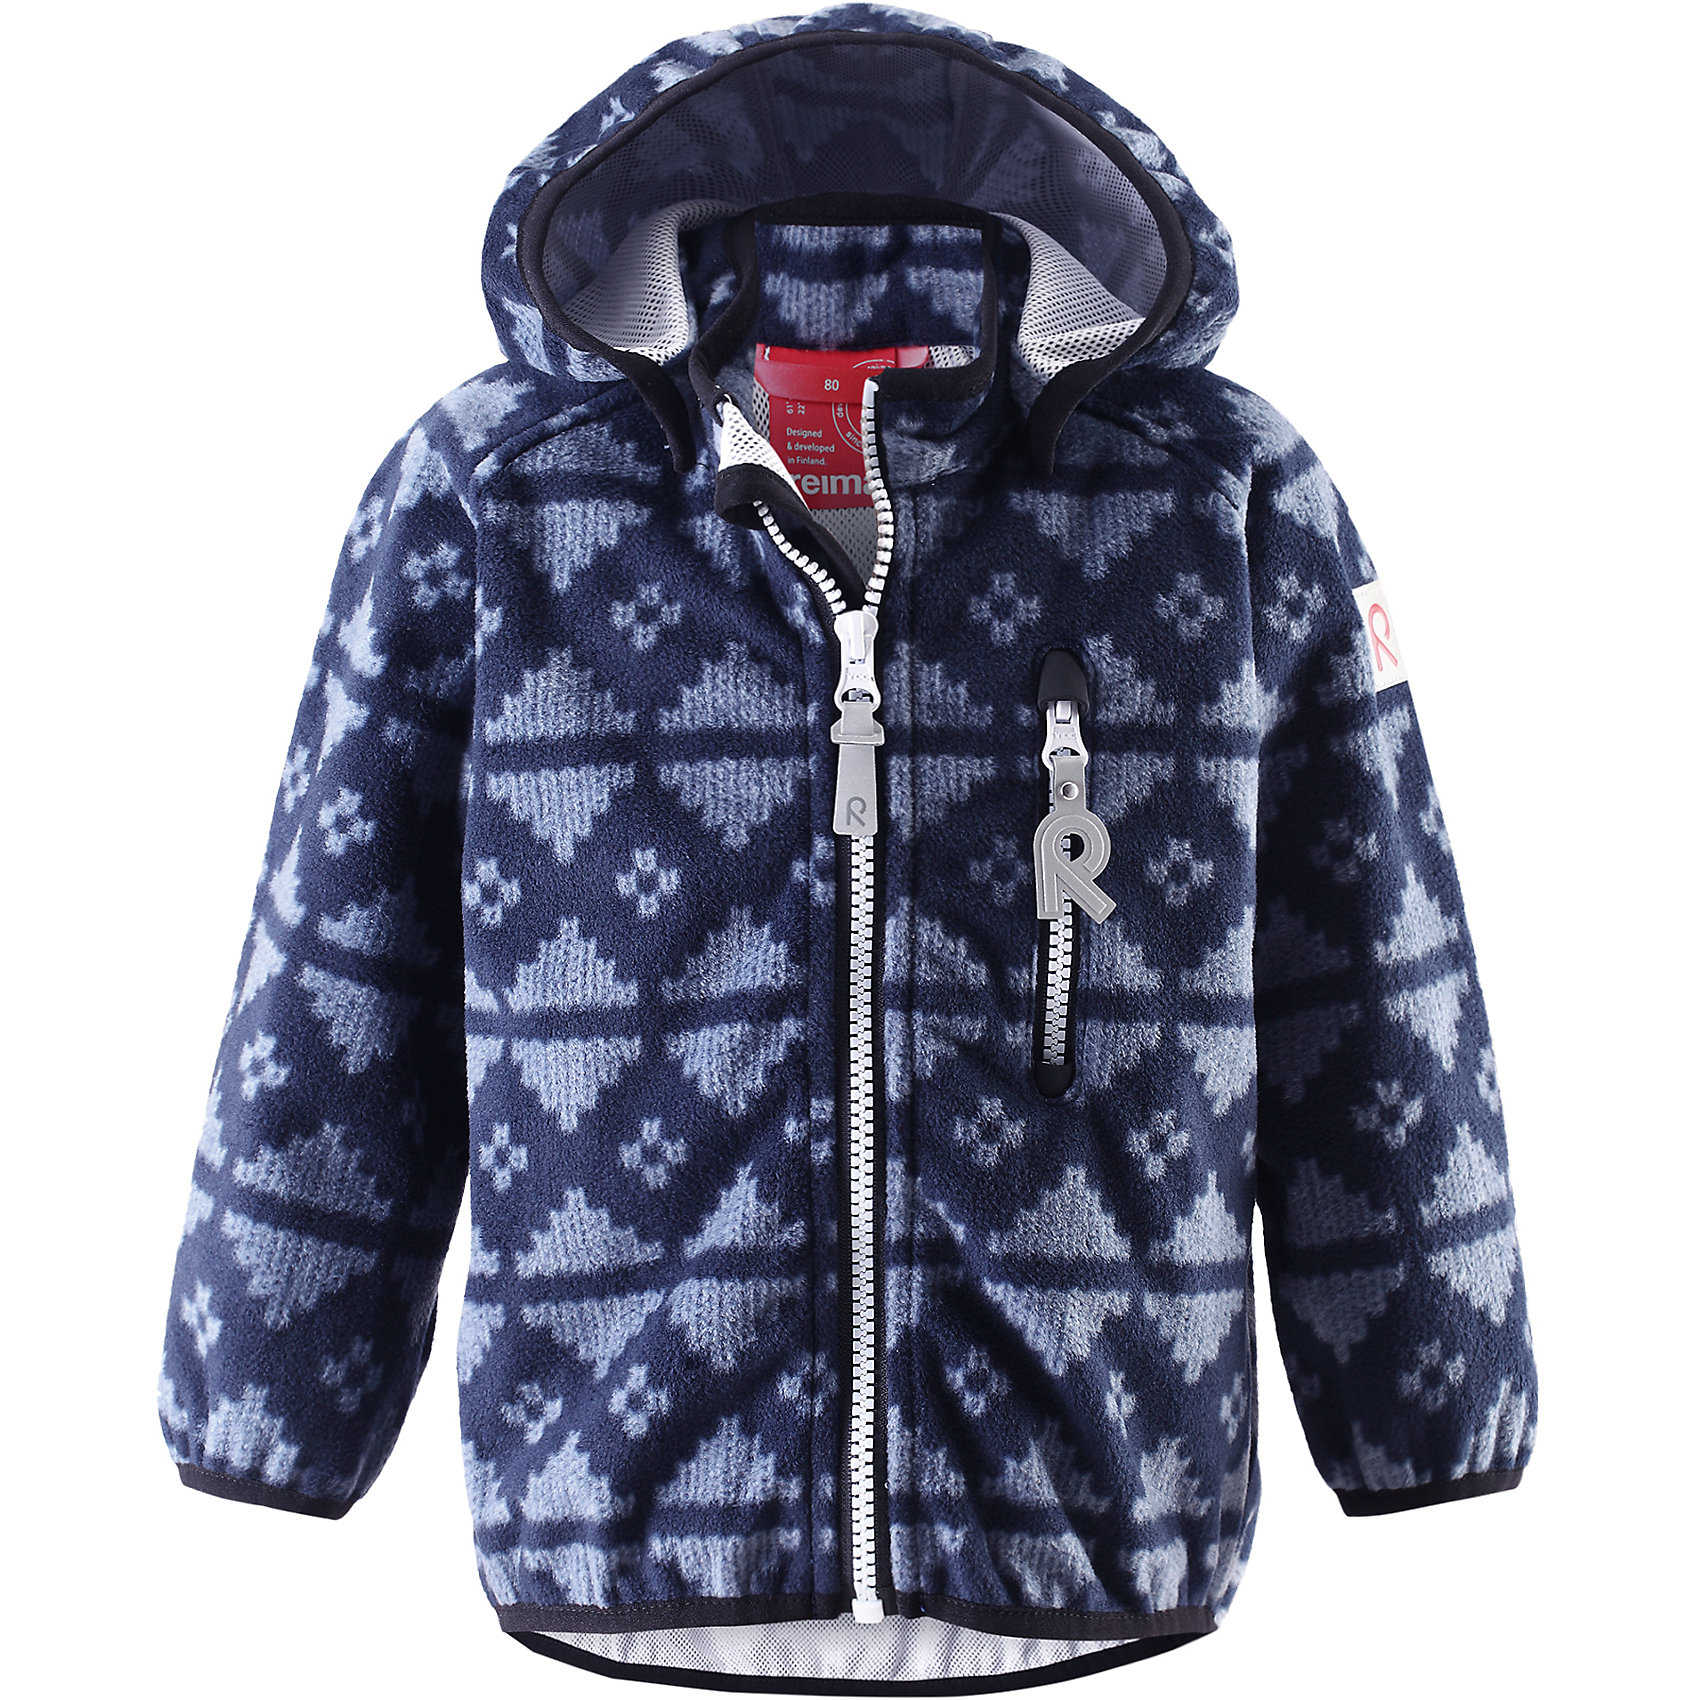 Куртка Aie ReimaКуртка  Reima<br>Куртка из материала softshell для малышей. Из ветронепроницаемого материала, но изделие «дышит». Безопасный, съемный капюшон. Эластичная резинка на кромке капюшона, манжетах и подоле. Нагрудный карман на молнии. Принт по всей поверхности.<br>Уход:<br>Стирать по отдельности. Застегнуть молнии и липучки. Стирать моющим средством, не содержащим отбеливающие вещества. Полоскать без специального средства. Во избежание изменения цвета изделие необходимо вынуть из стиральной машинки незамедлительно после окончания программы стирки. Сушить при низкой температуре.<br>Состав:<br>100% Полиэстер, полиуретановая мембрана<br><br>Ширина мм: 356<br>Глубина мм: 10<br>Высота мм: 245<br>Вес г: 519<br>Цвет: синий<br>Возраст от месяцев: 12<br>Возраст до месяцев: 18<br>Пол: Унисекс<br>Возраст: Детский<br>Размер: 86,92,80,98<br>SKU: 4776046